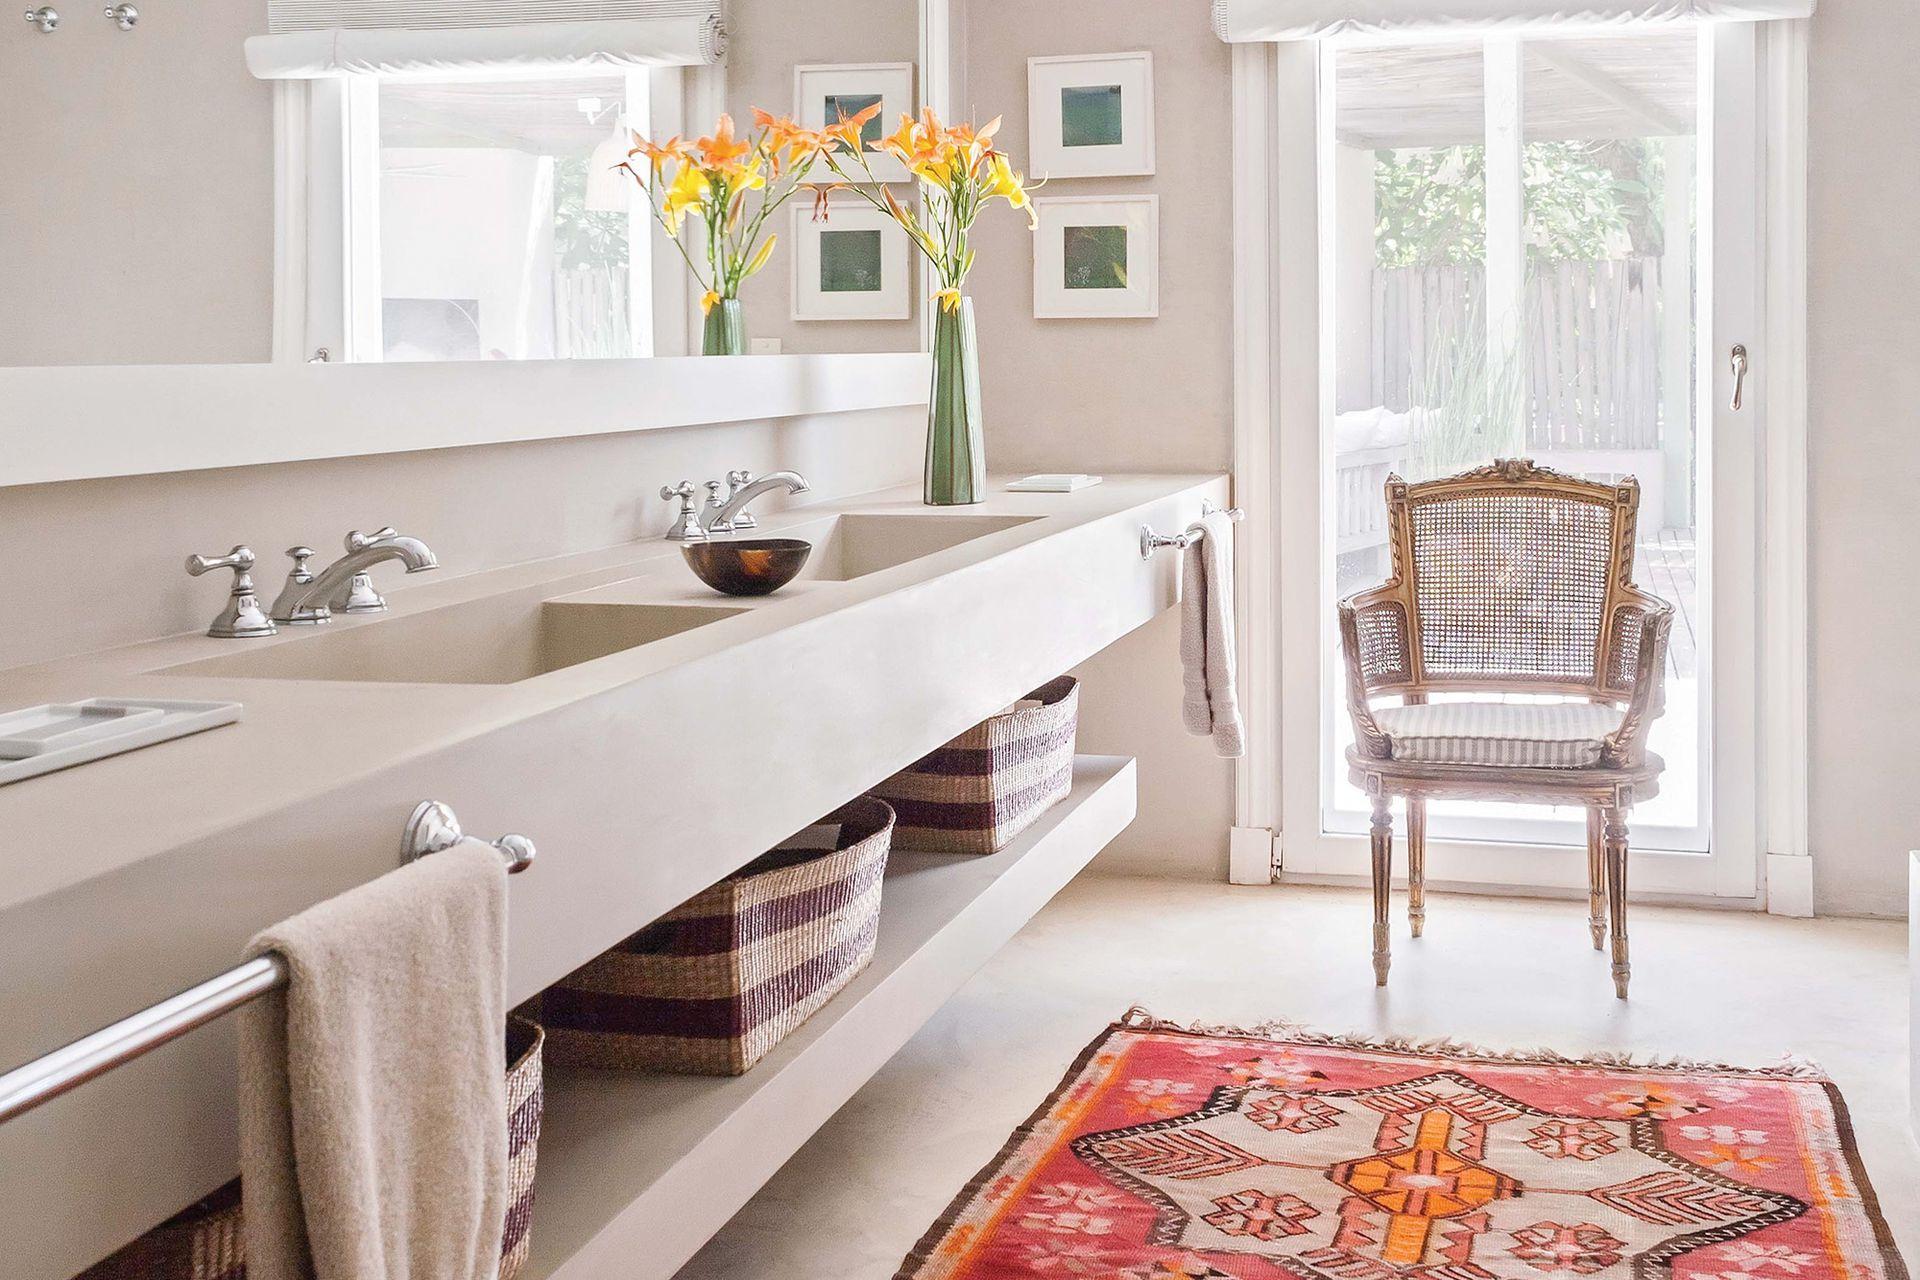 Moderno y funcional, en el baño se advierte una vez más el gusto de la dueña por los textiles; en este caso, una fantástica alfombra turca (María Giménez) que suma color, historia y calidez.